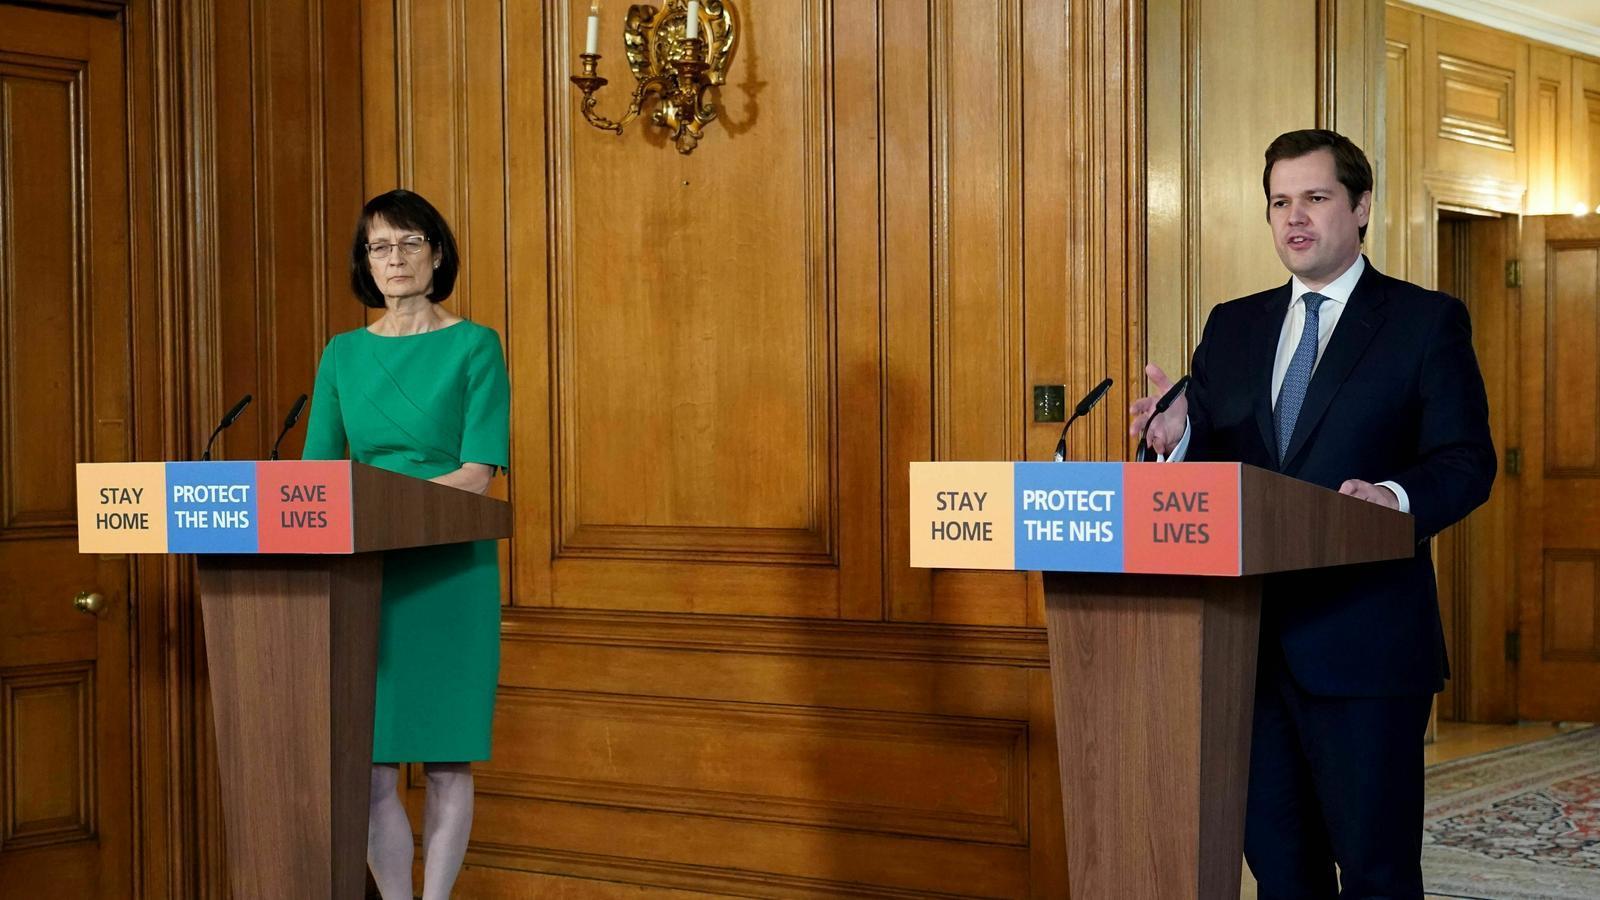 Jenny Harris, número 2 de Sanitat Pública del Regne Unit, i el ministre de l'Habitatge, Robert Jenrick , durant la compareixença d'aquest diumenge a Downing Street